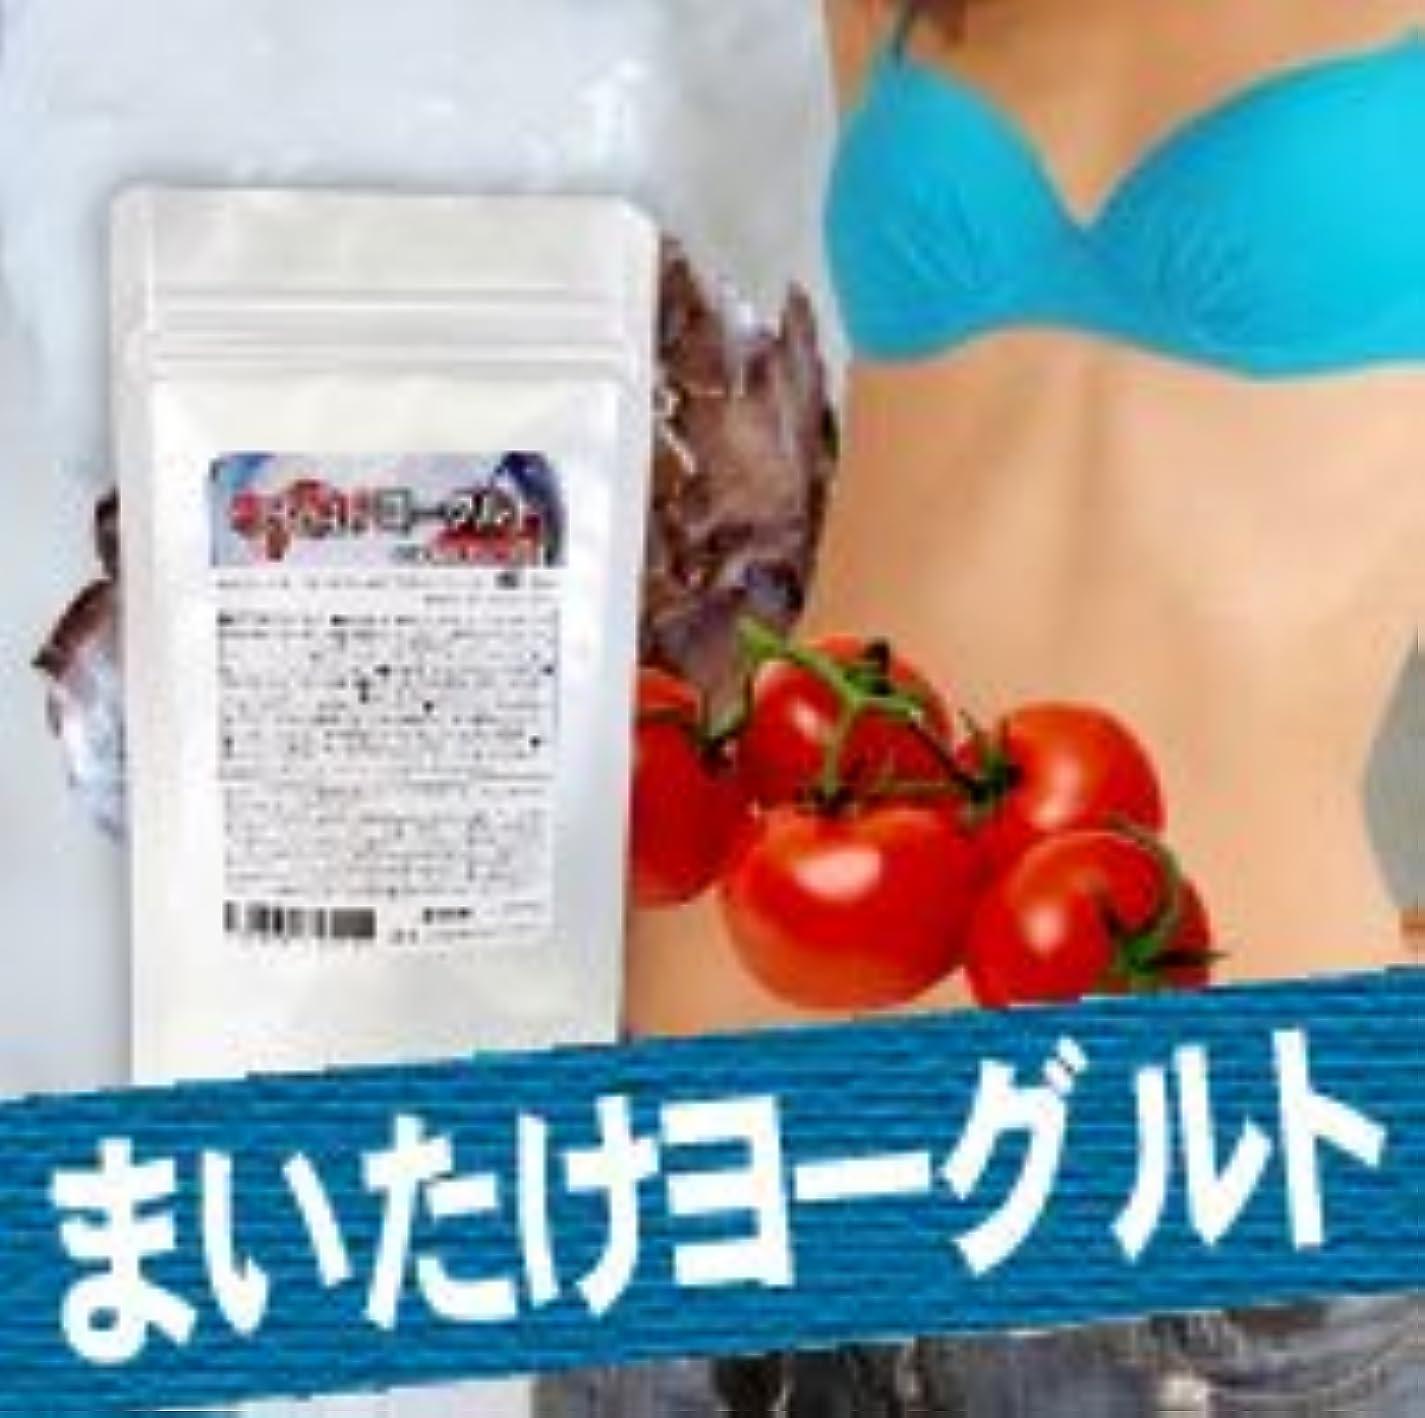 ダイエットサプリメント【まいたけヨーグルト×2個】TVで話題の舞茸、ヨーグルト、トマト